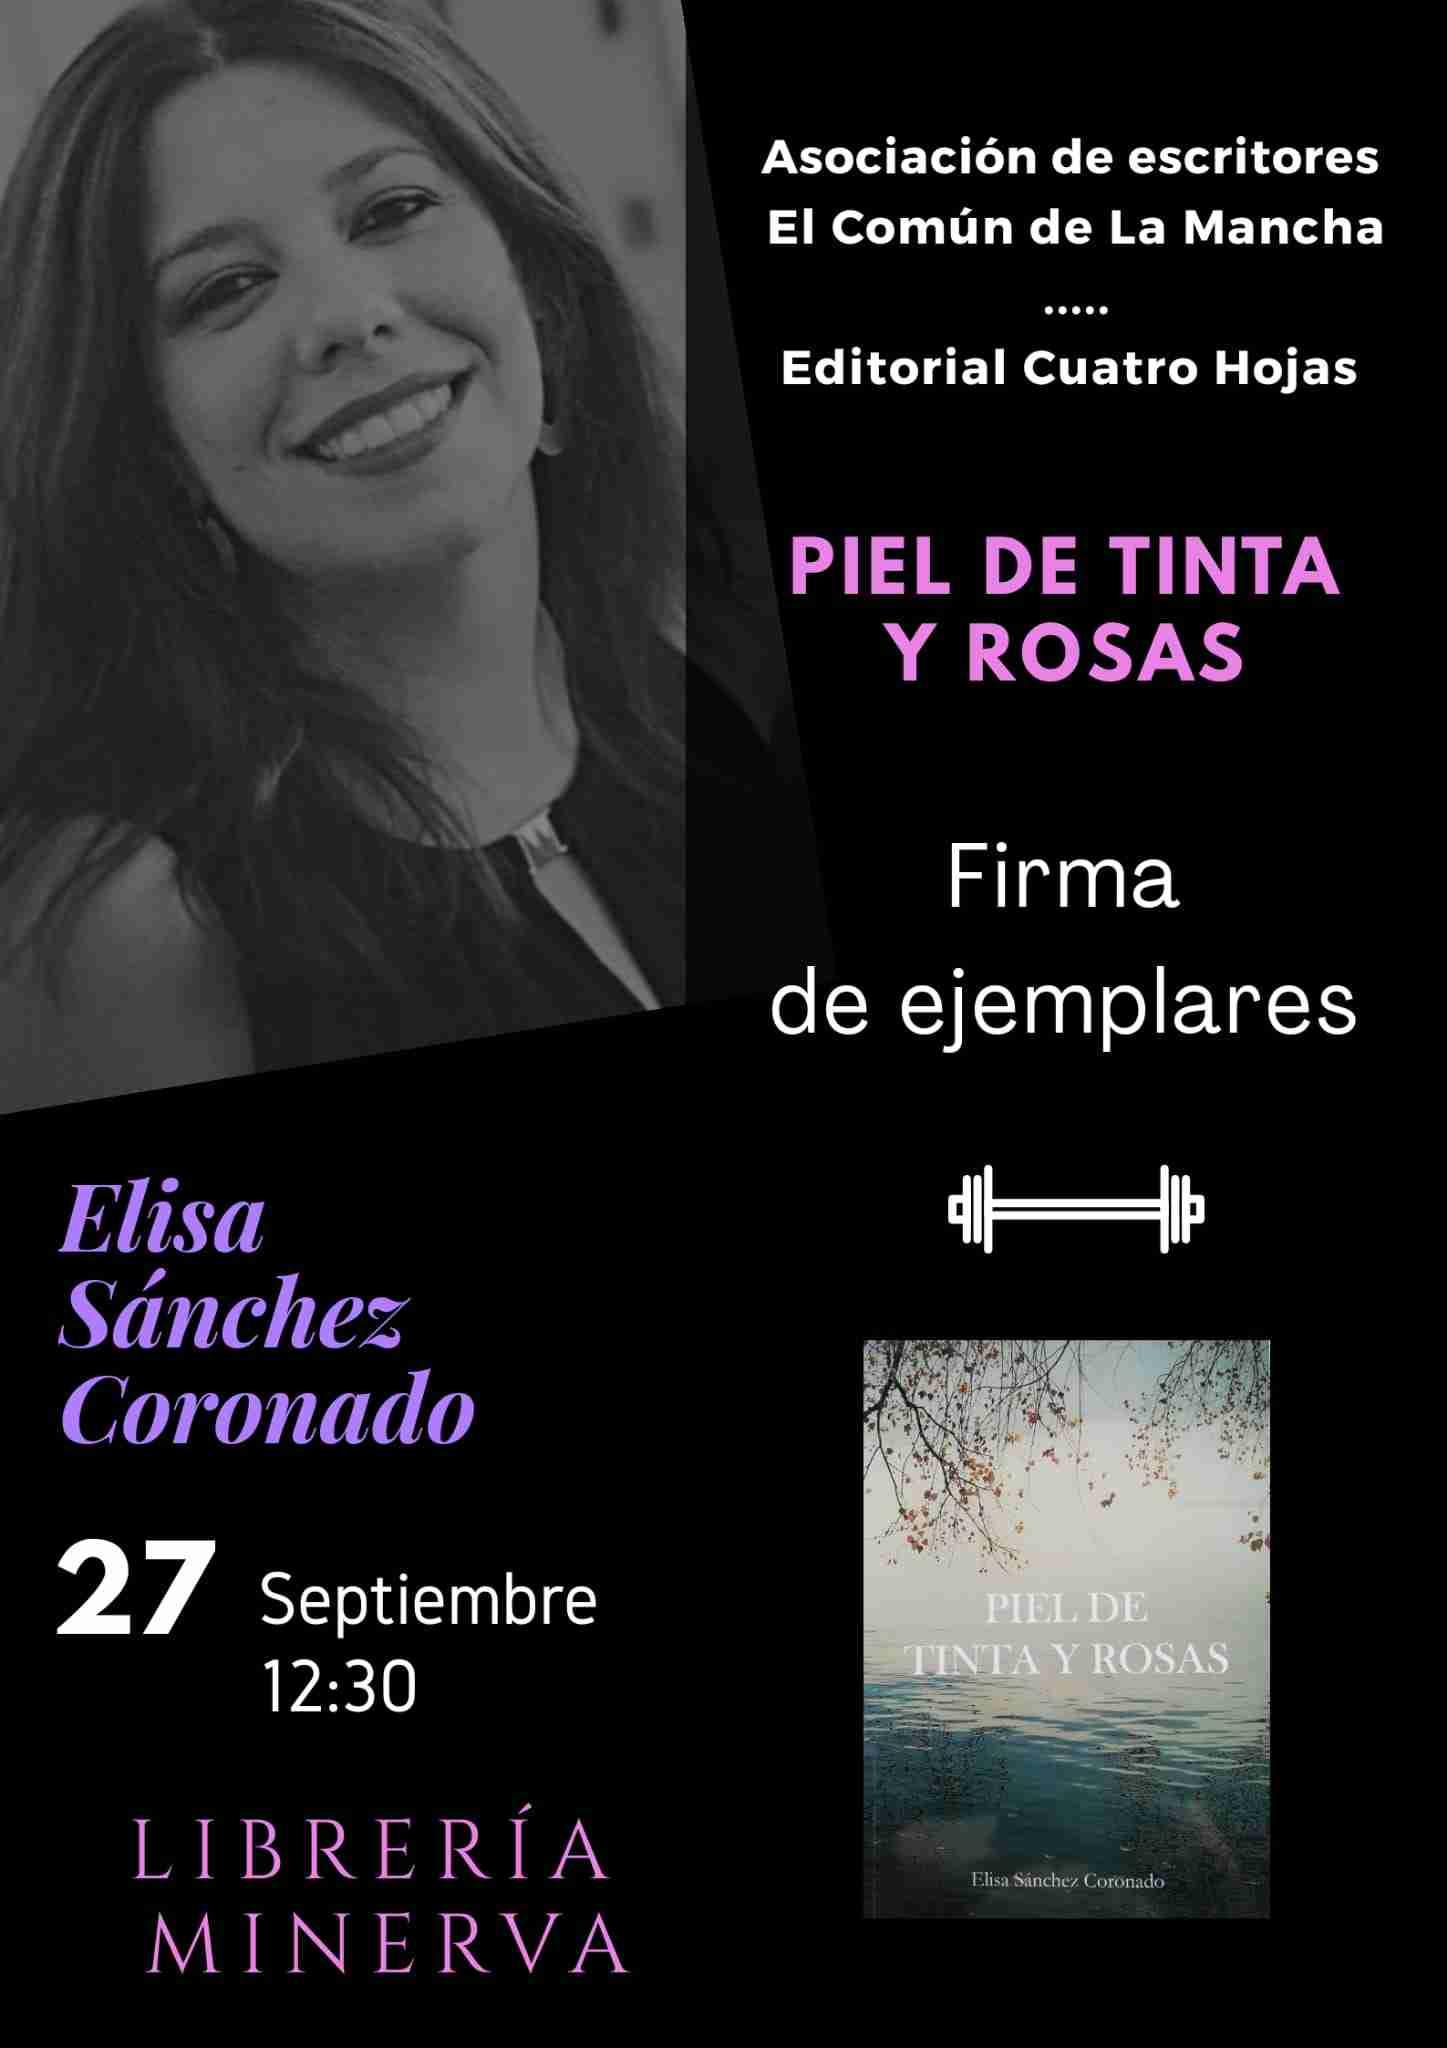 Elisa Sánchez Coronado presenta y firma ejemplares de su primera obra 1